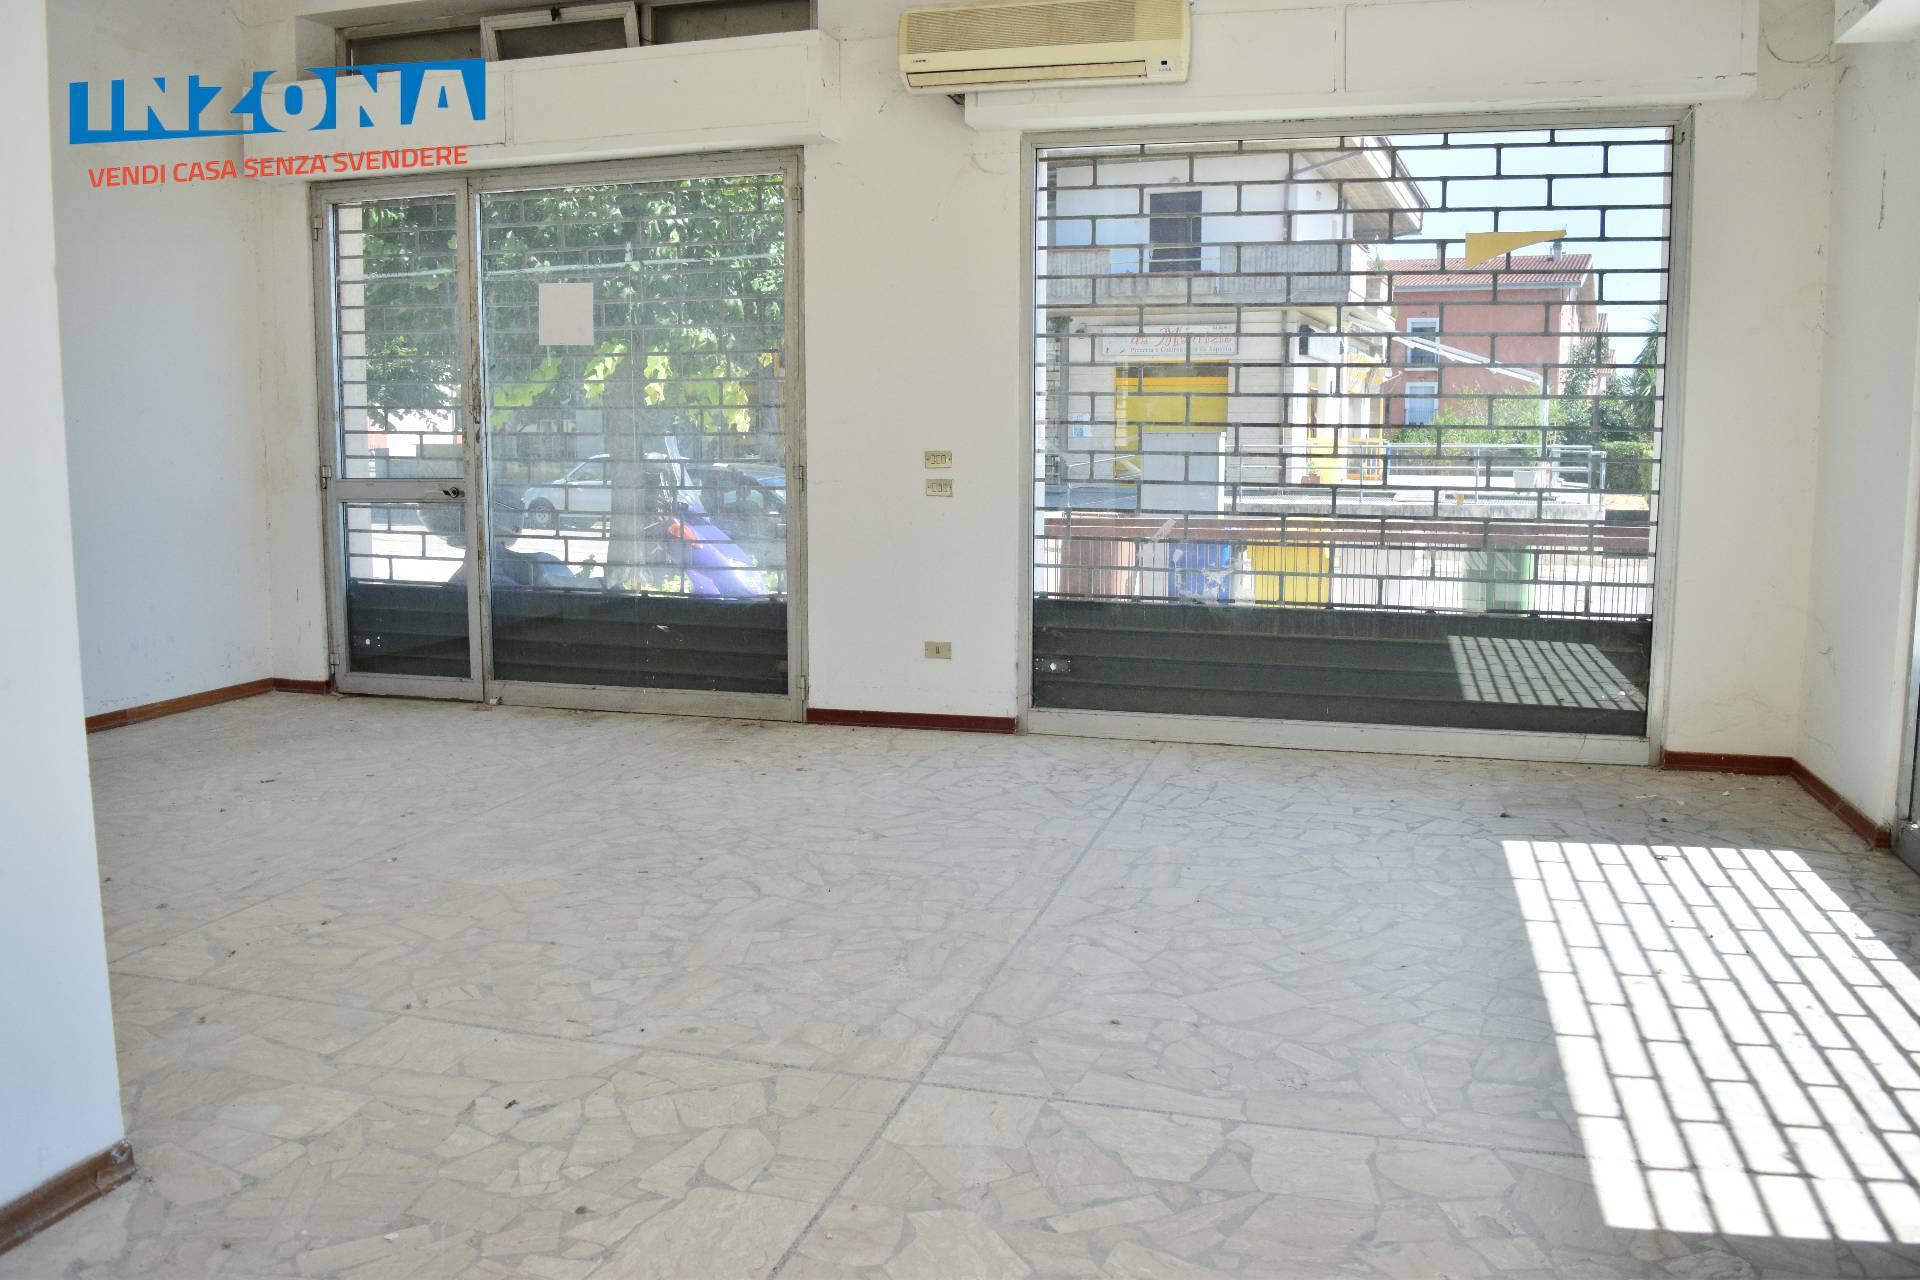 Negozio / Locale in vendita a Bellante, 9999 locali, zona Zona: Ripattoni, prezzo € 40.000 | CambioCasa.it